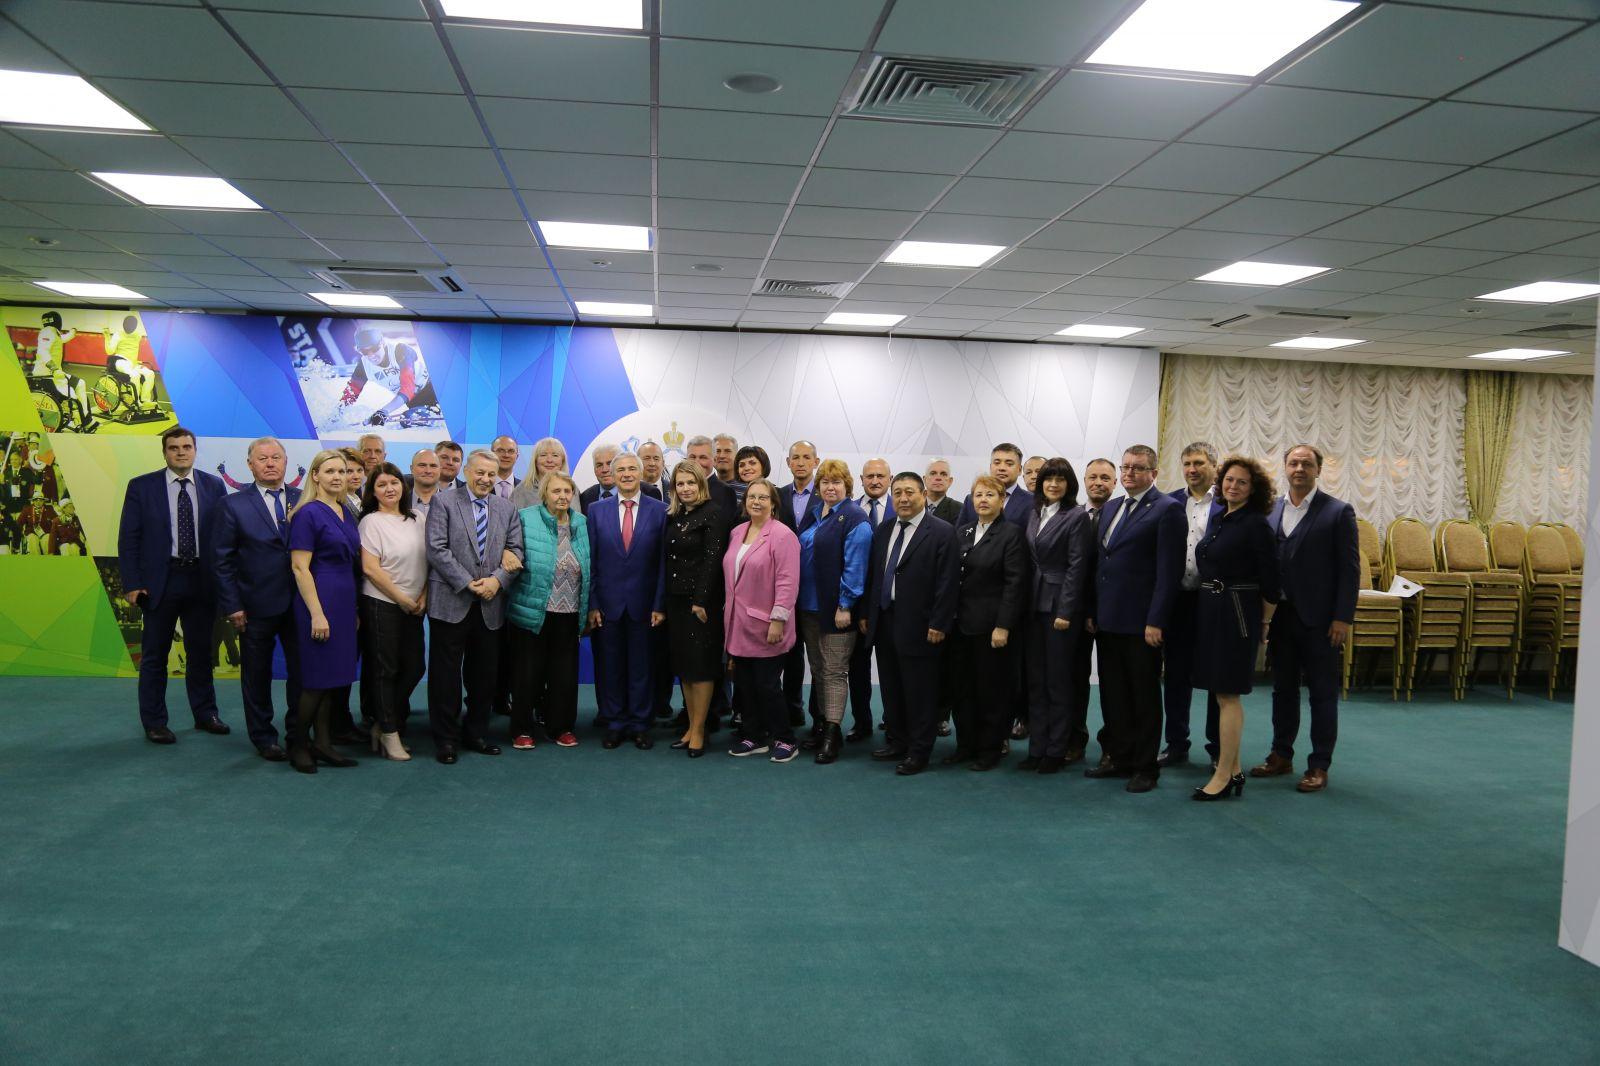 Руководители ПКР в г. Москве приняли участие в VII Съезде Общероссийского профессионального союза работников физической культуры, спорта и туризма РФ